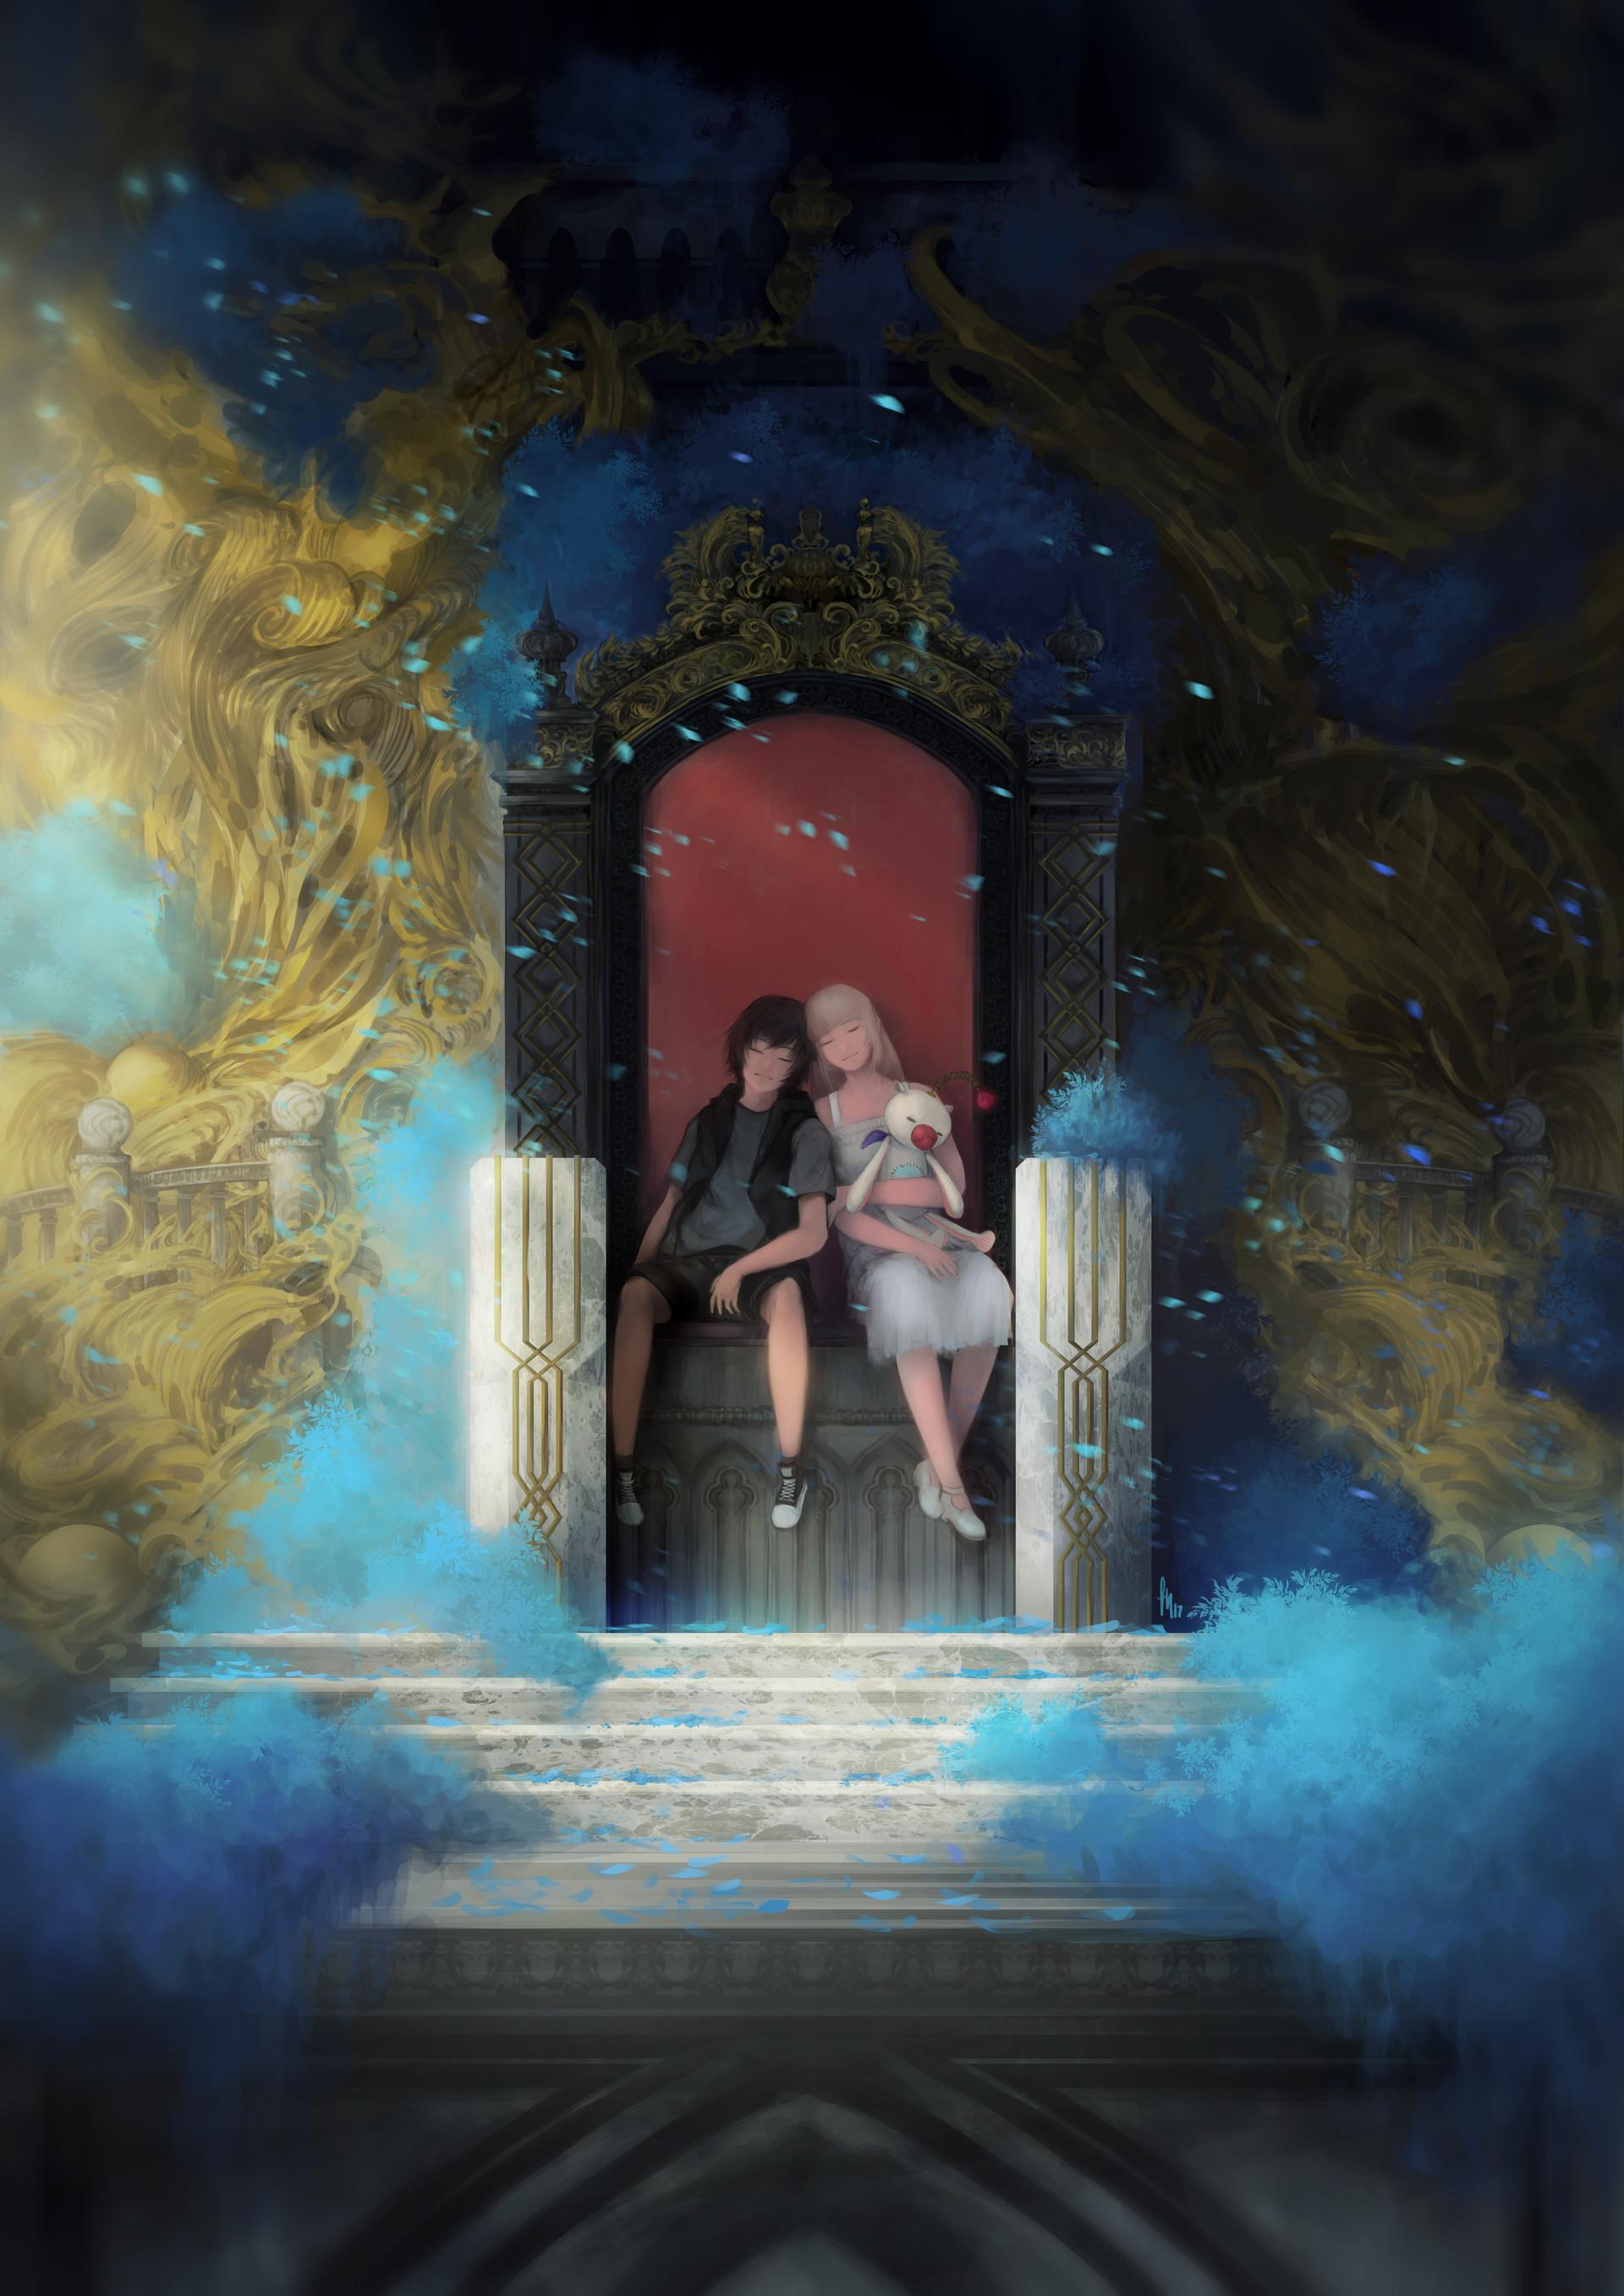 Noctis Lucis Caelum Throne Final Fantasy XV Image...